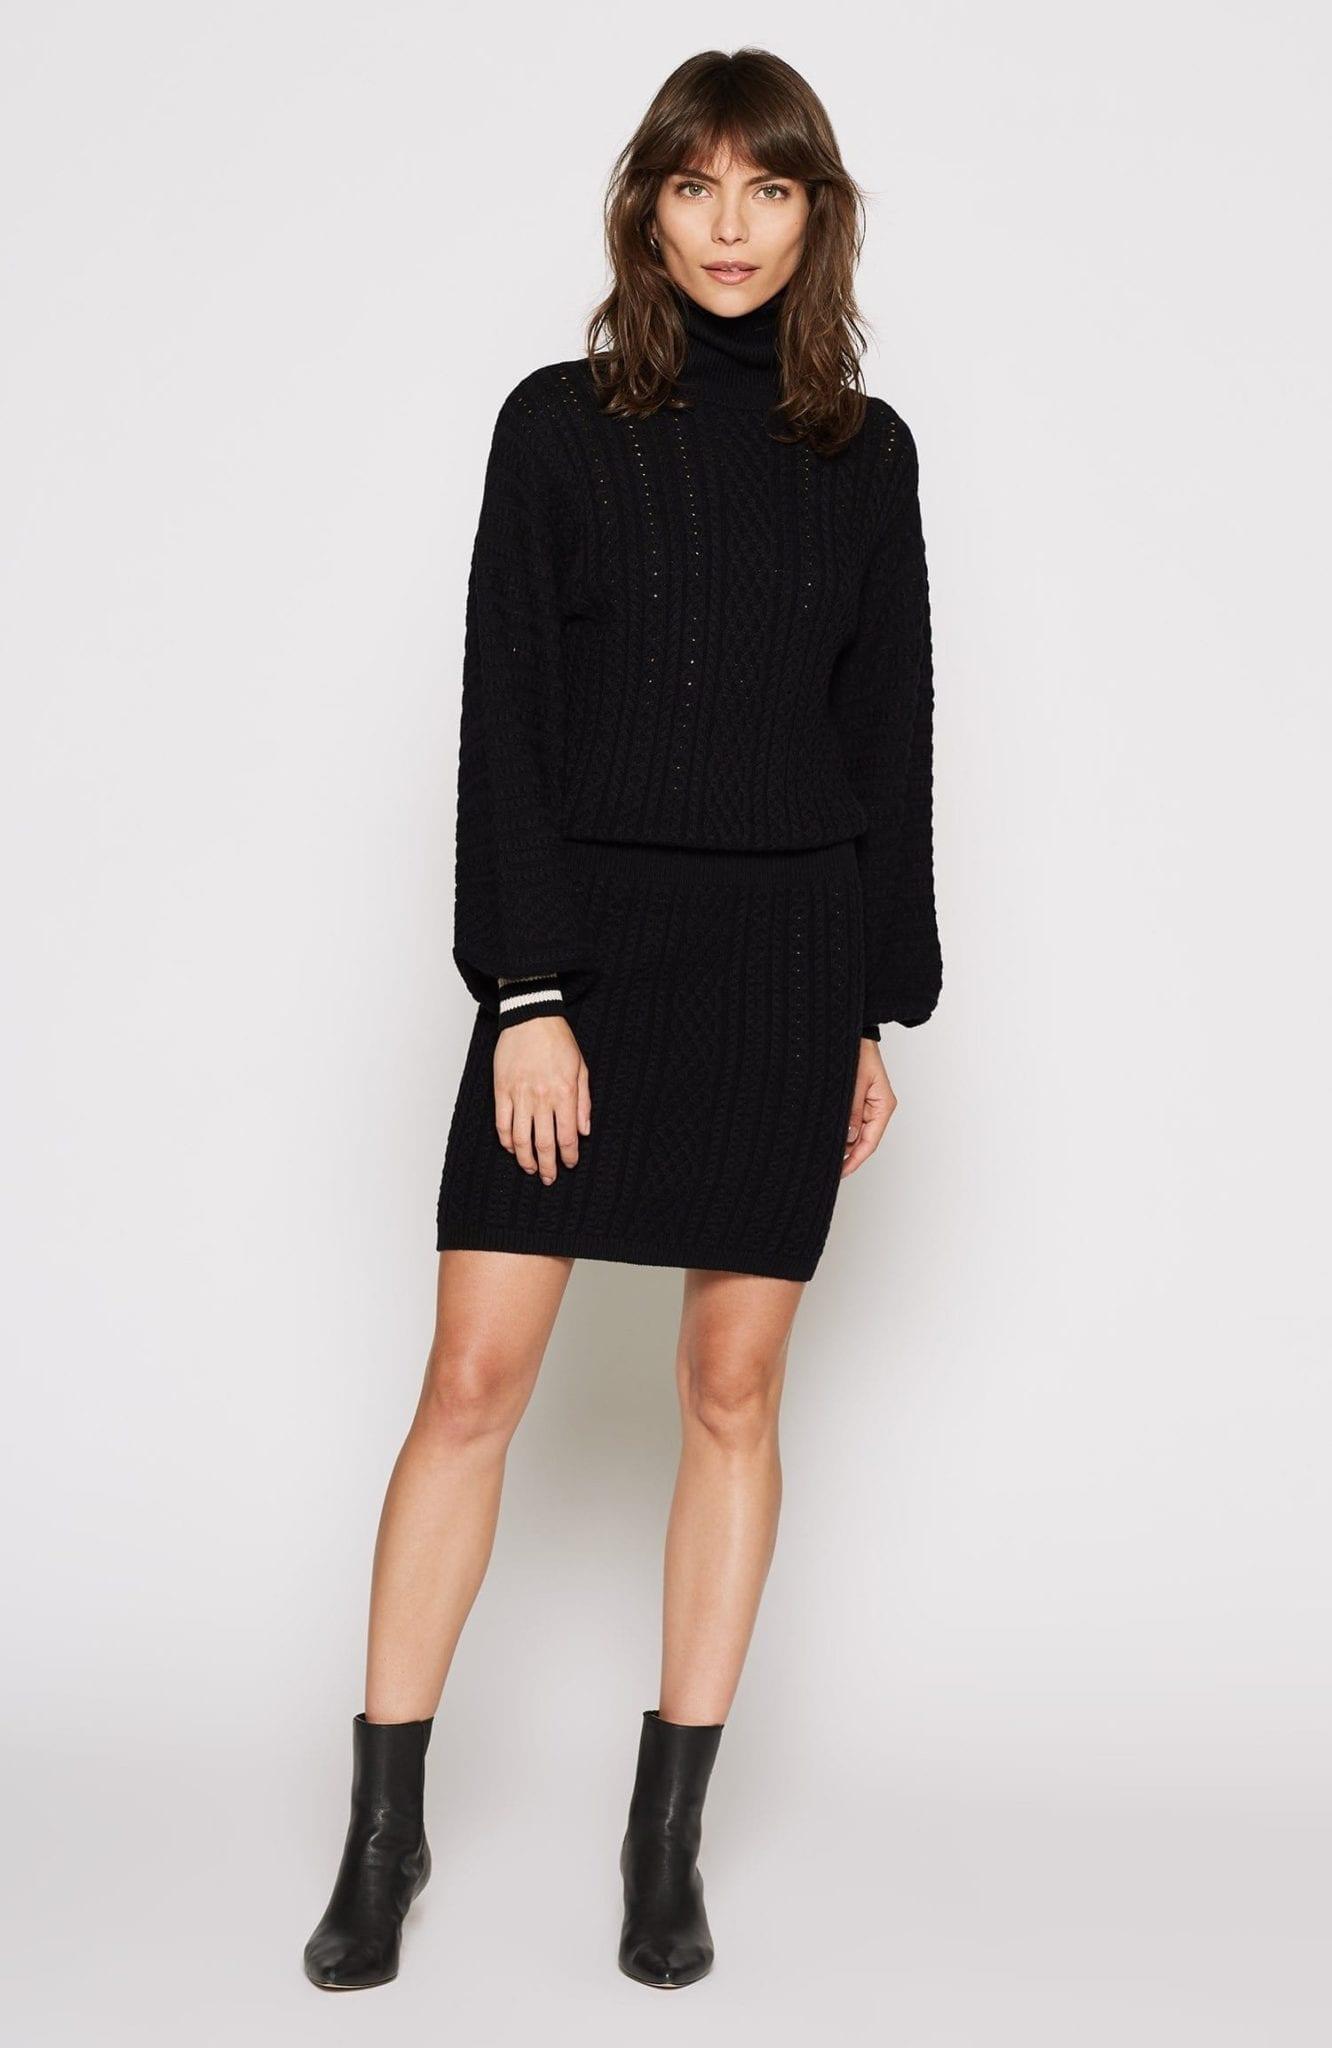 JOIE Jelinelle Sweater Black